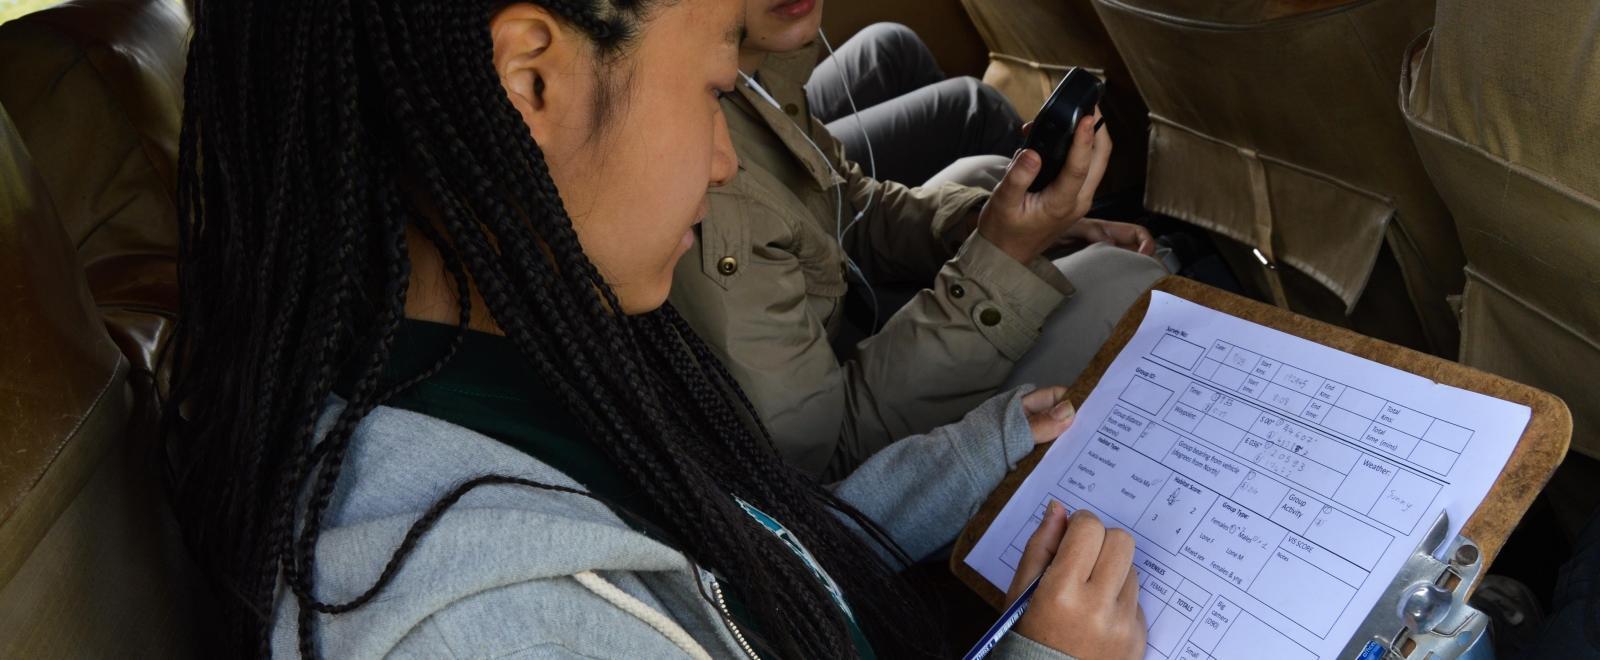 Voluntaria de Conservación registrando información para nuestra Base de Datos de Impacto Global.